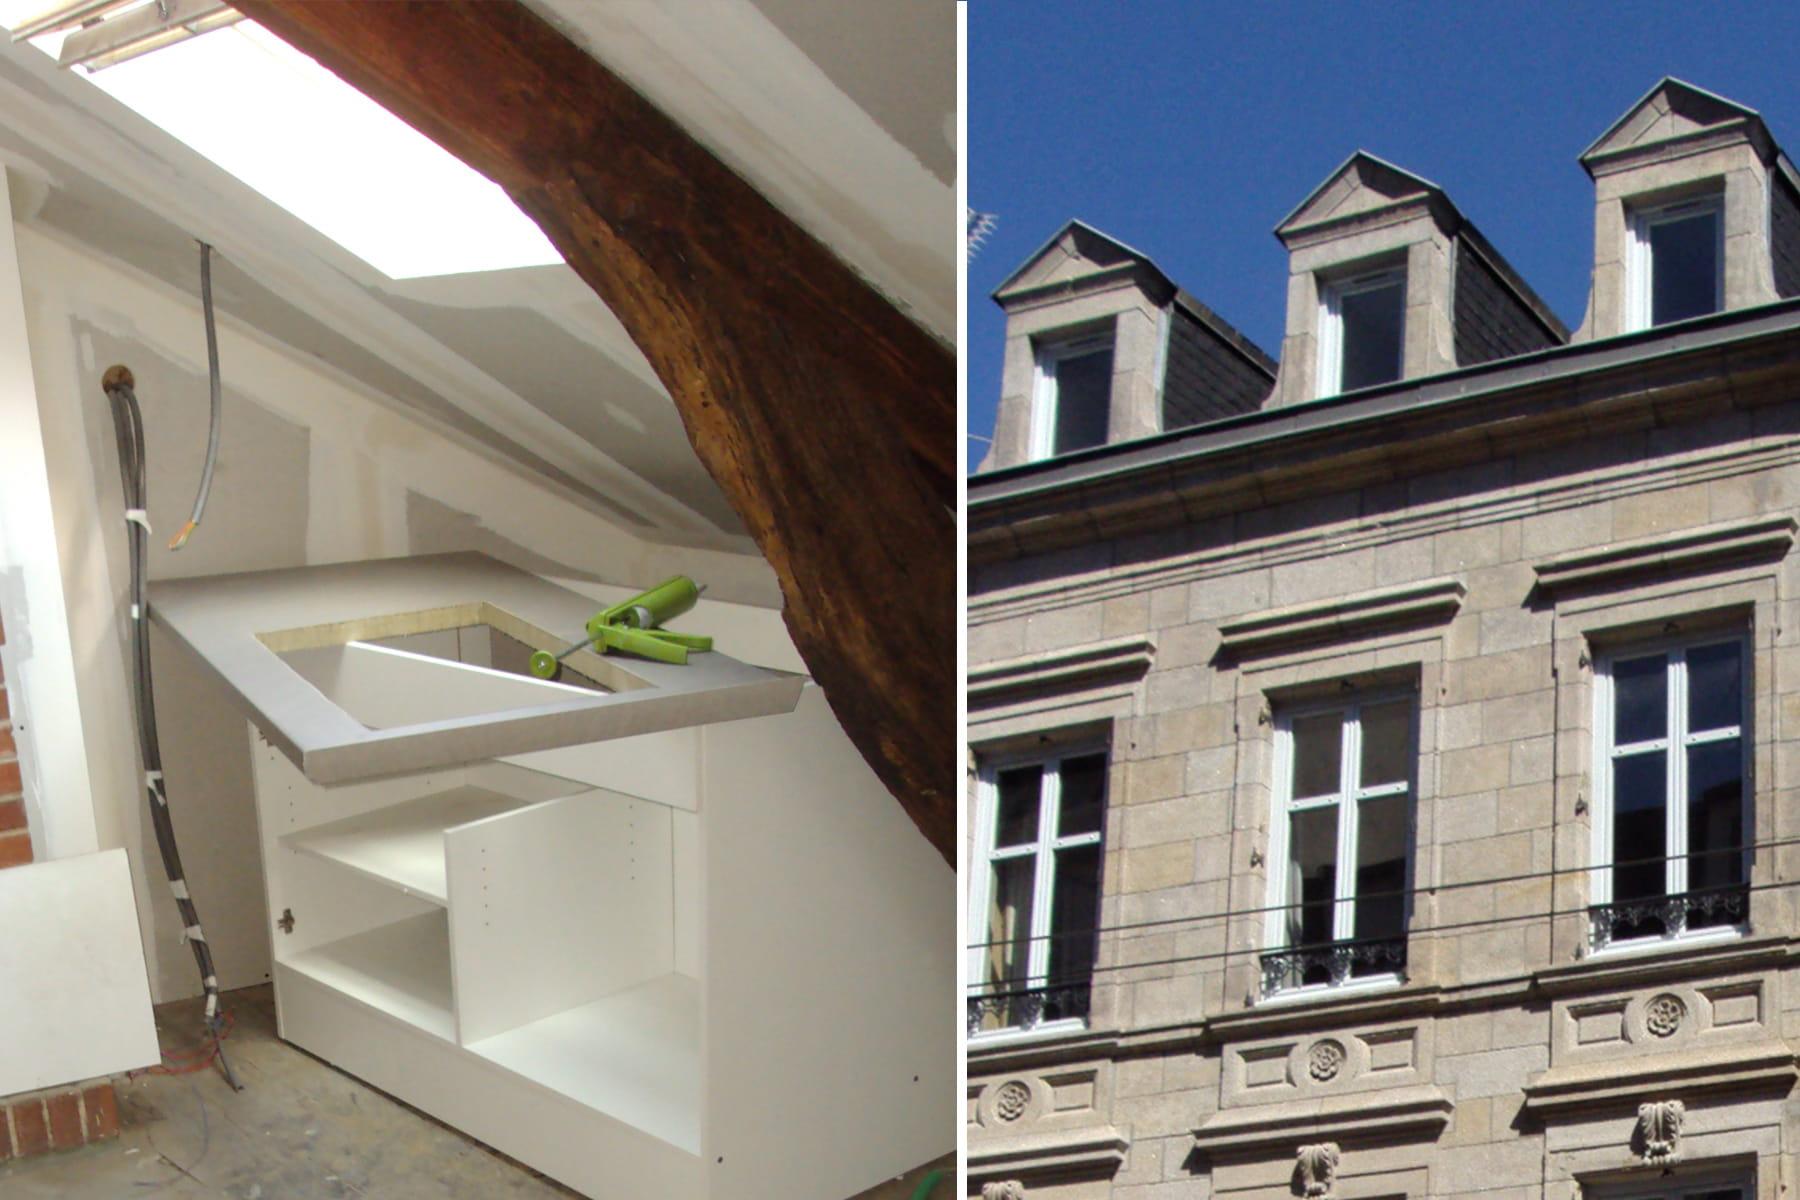 la r novation de la toiture la r novation d 39 une maison belle epoque linternaute. Black Bedroom Furniture Sets. Home Design Ideas